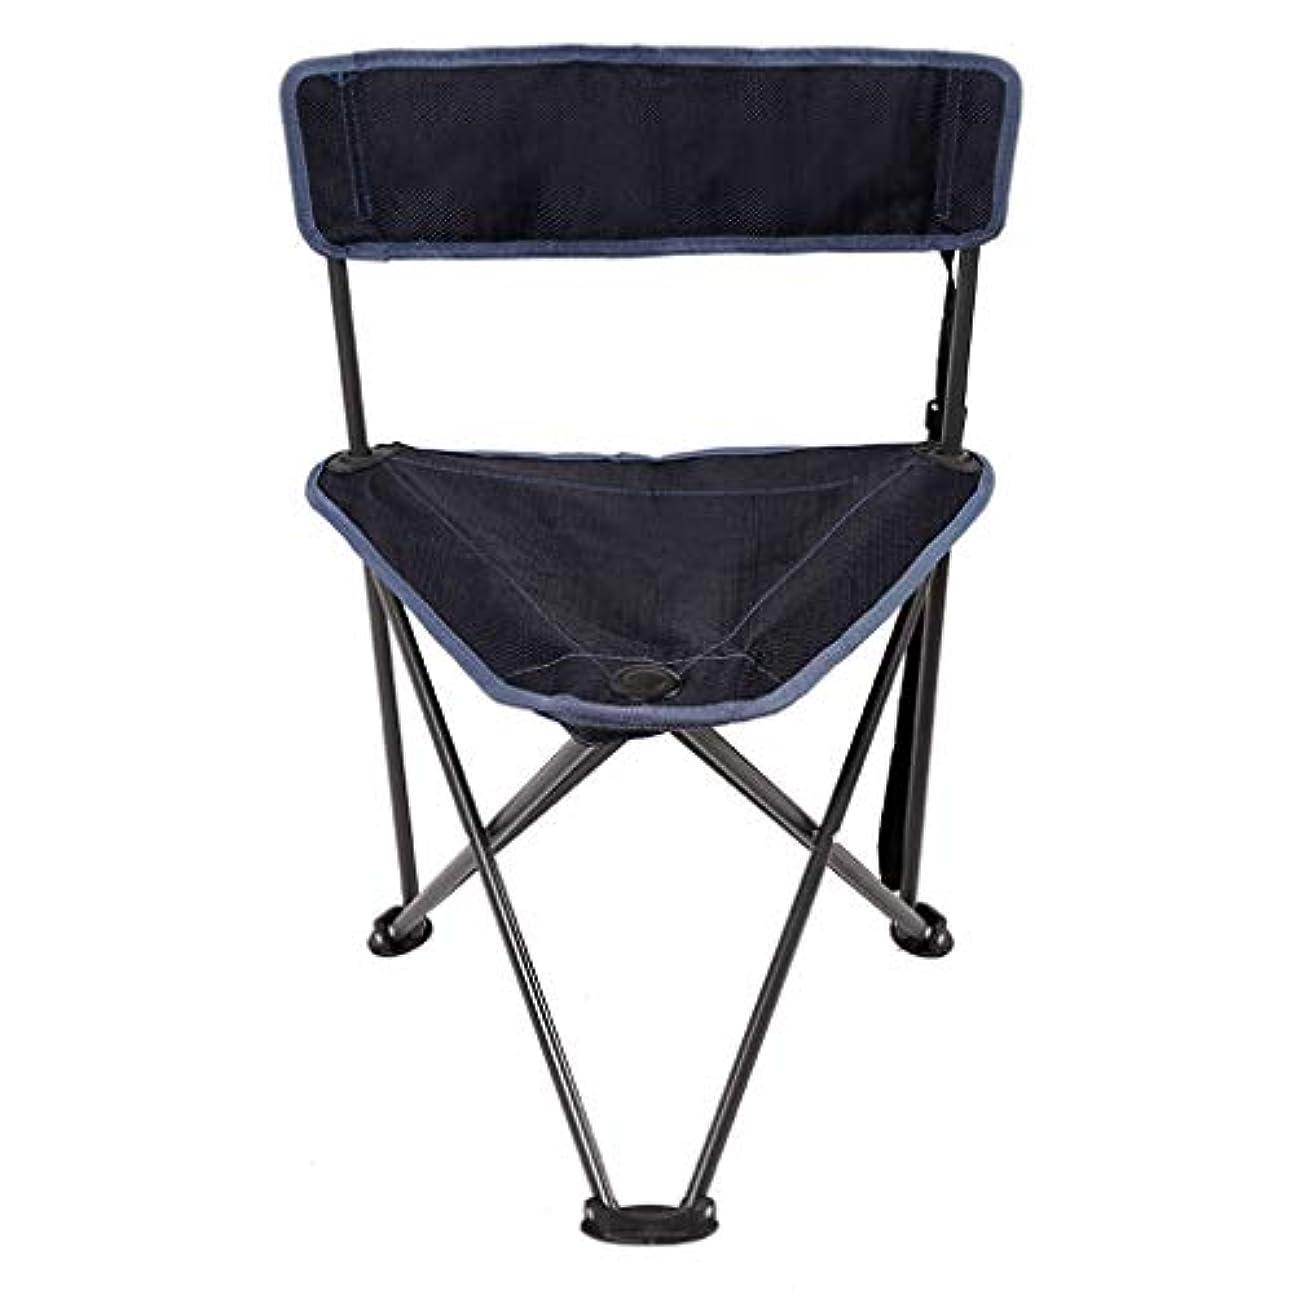 通常ほのめかすアシュリータファーマンCATRP ブランド ポータブル アウトドア 折りたたみ いす コンパクト 軽量 小さい 座席 キャンプ用 祭り 釣り 旅行する、2色 (色 : 青)